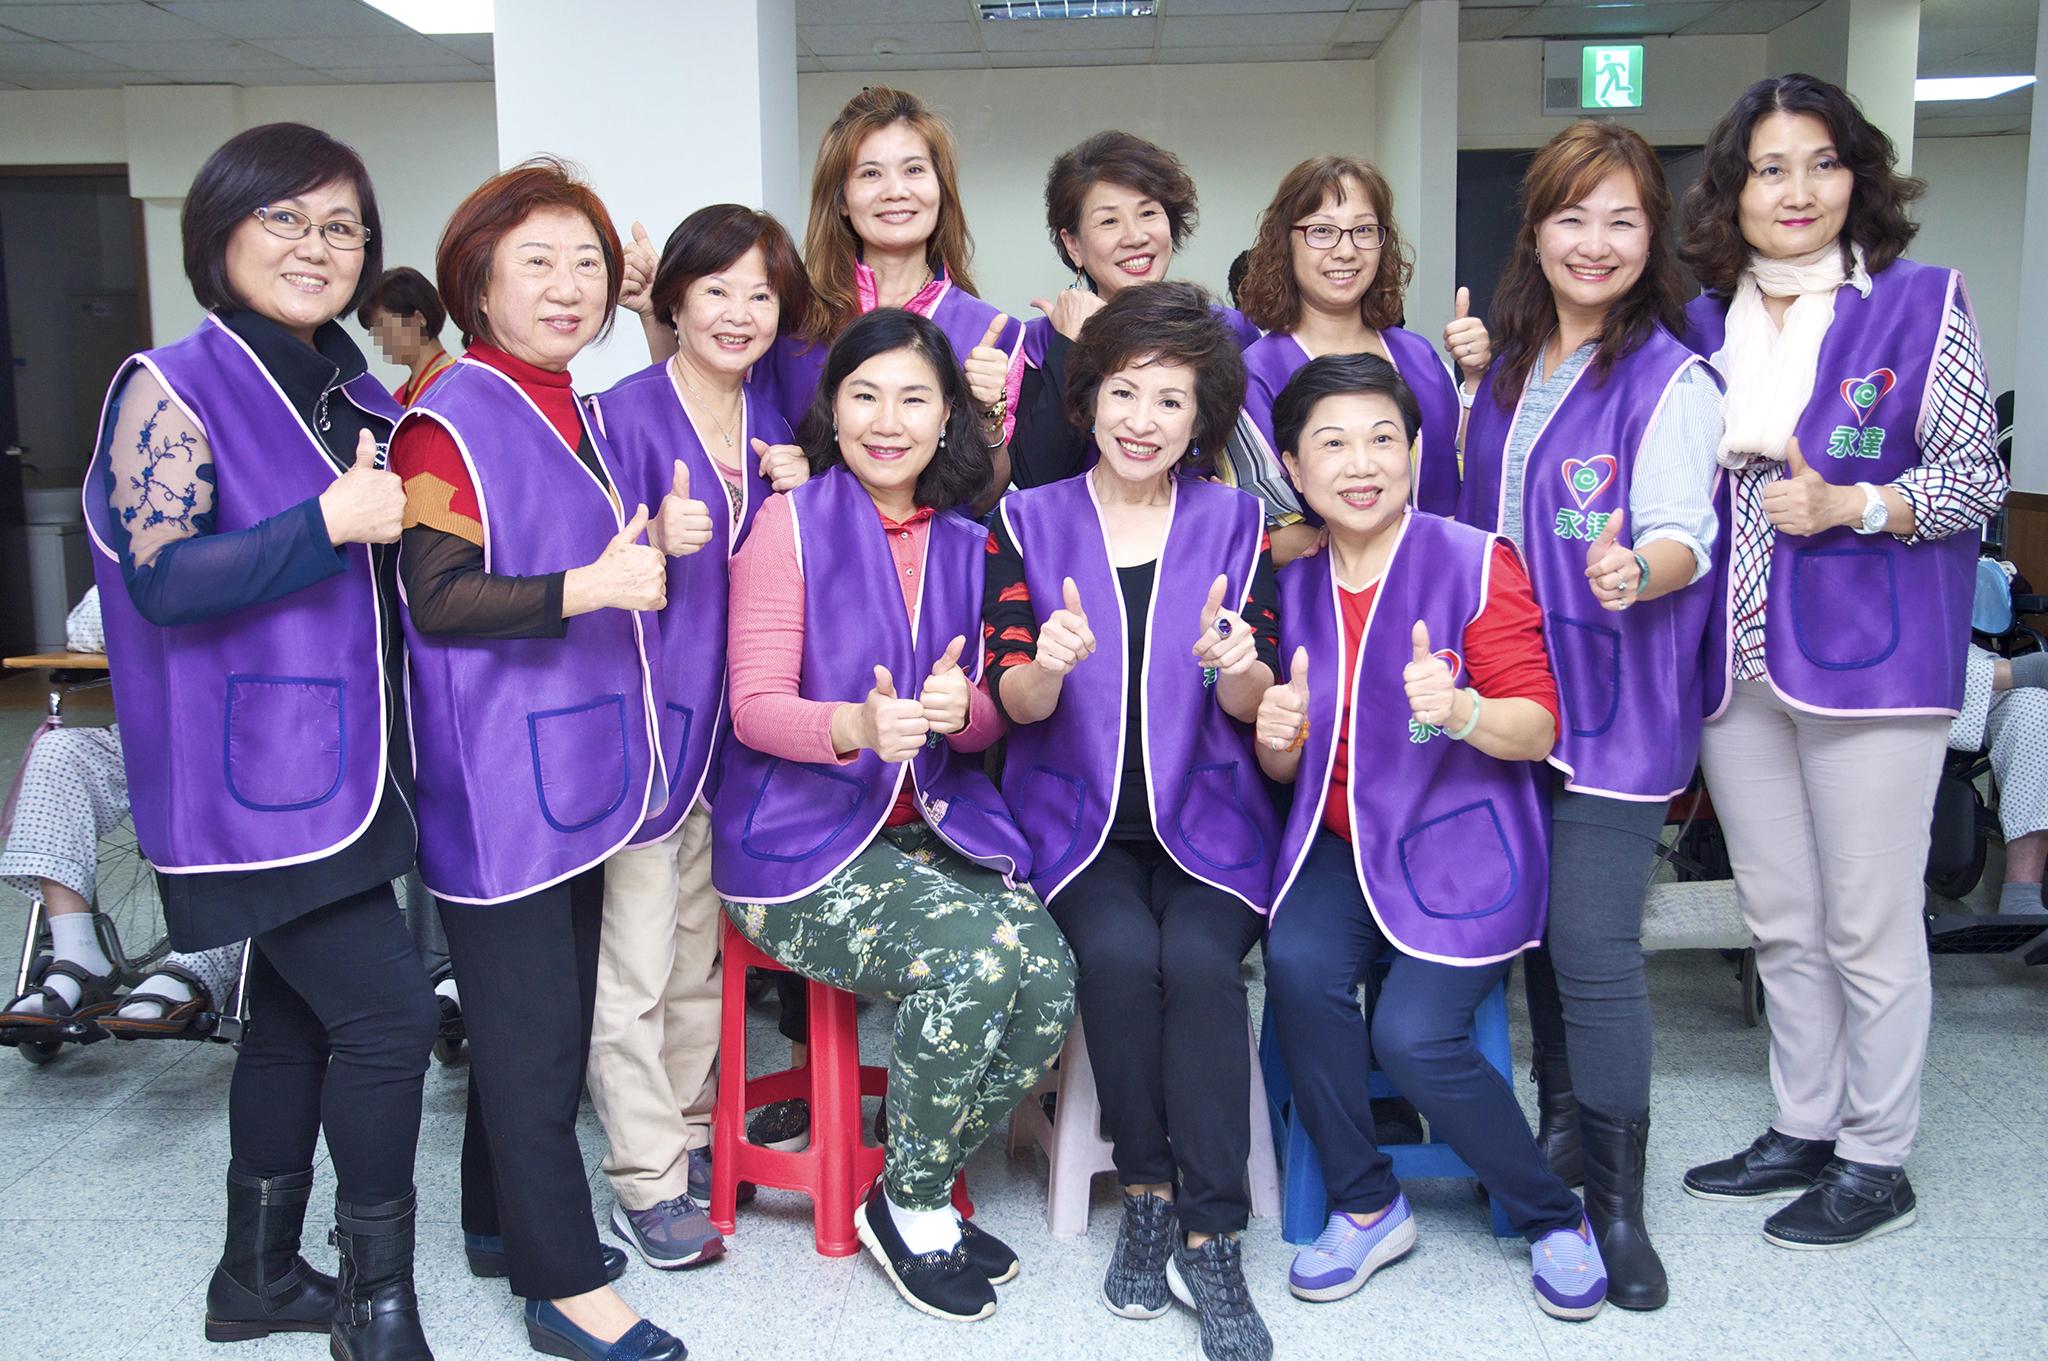 永達保經韓孫珍華業務副總帶領十一位志工參與志工探訪活動。